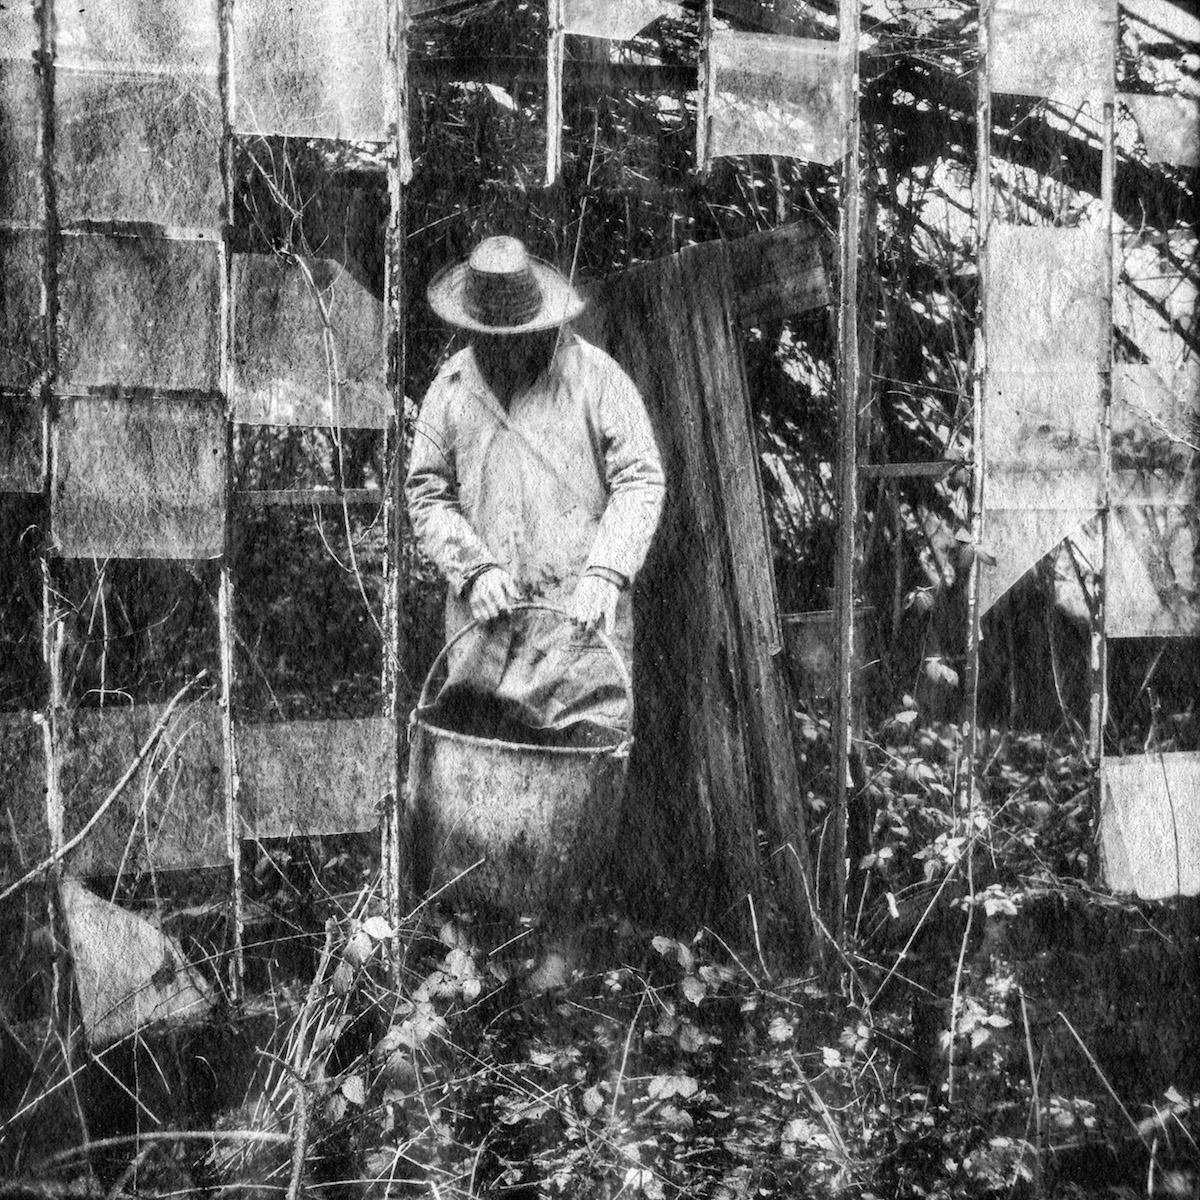 -3 Le Jardinier, Véronque Evrard, LBG - copie